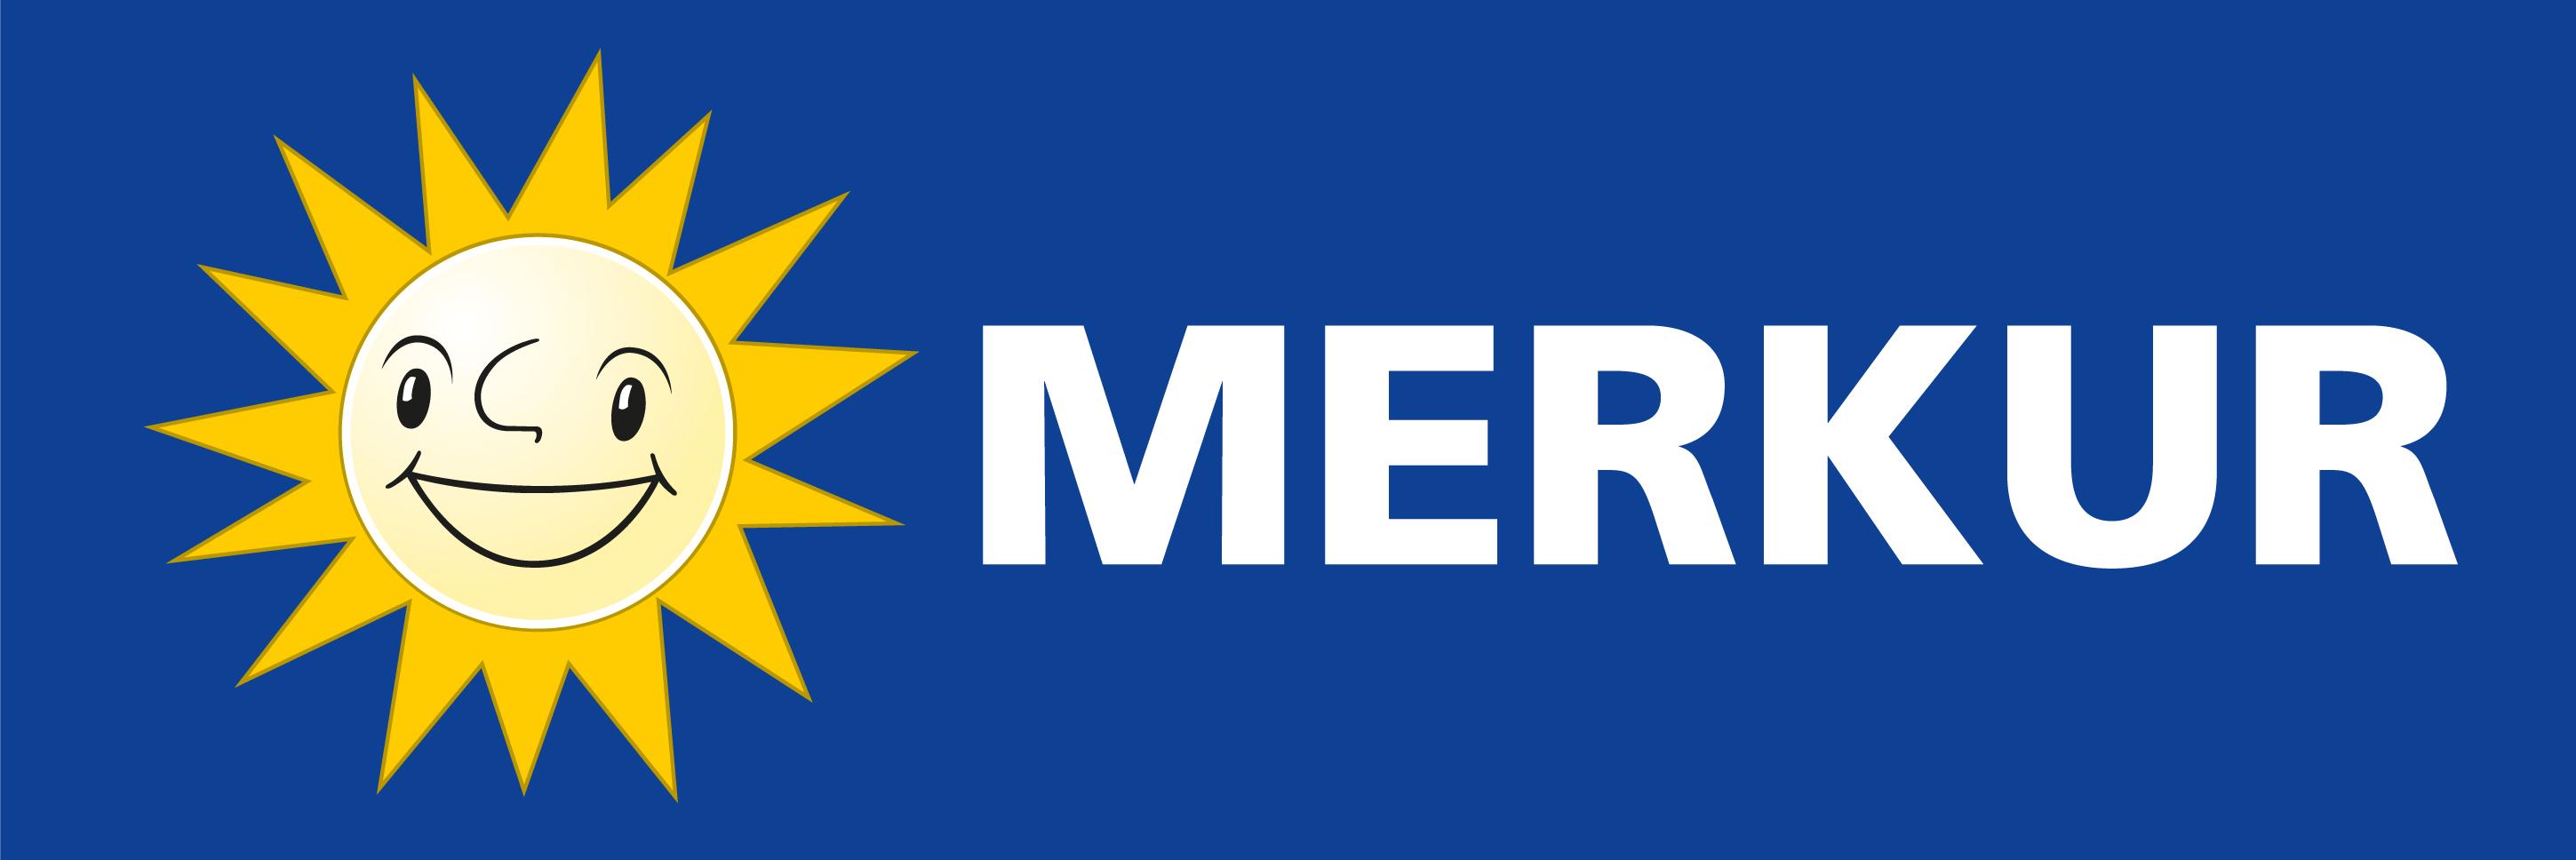 Merkur mit Sonne links auf blau